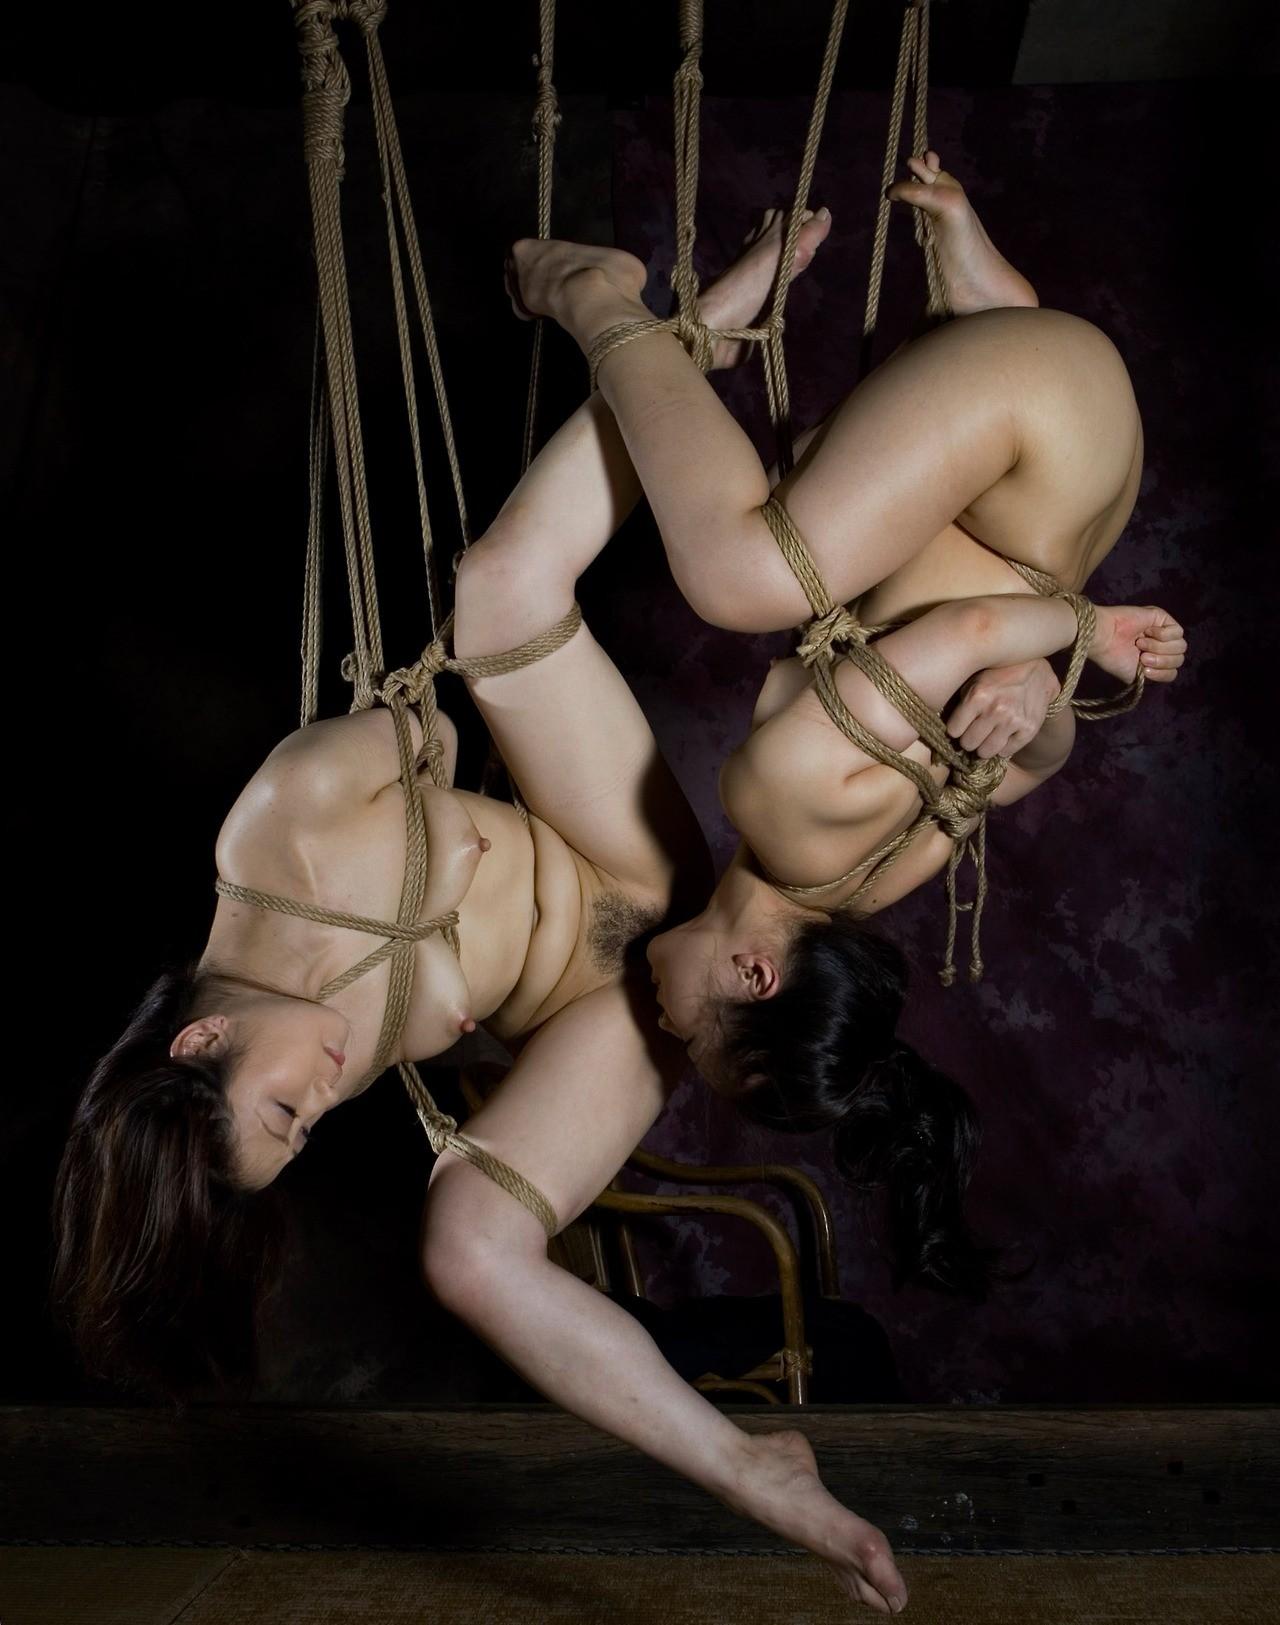 【SMエロ画像】何も手出しがなくとも苦痛…宙吊り緊縛されたM女たちwww 13